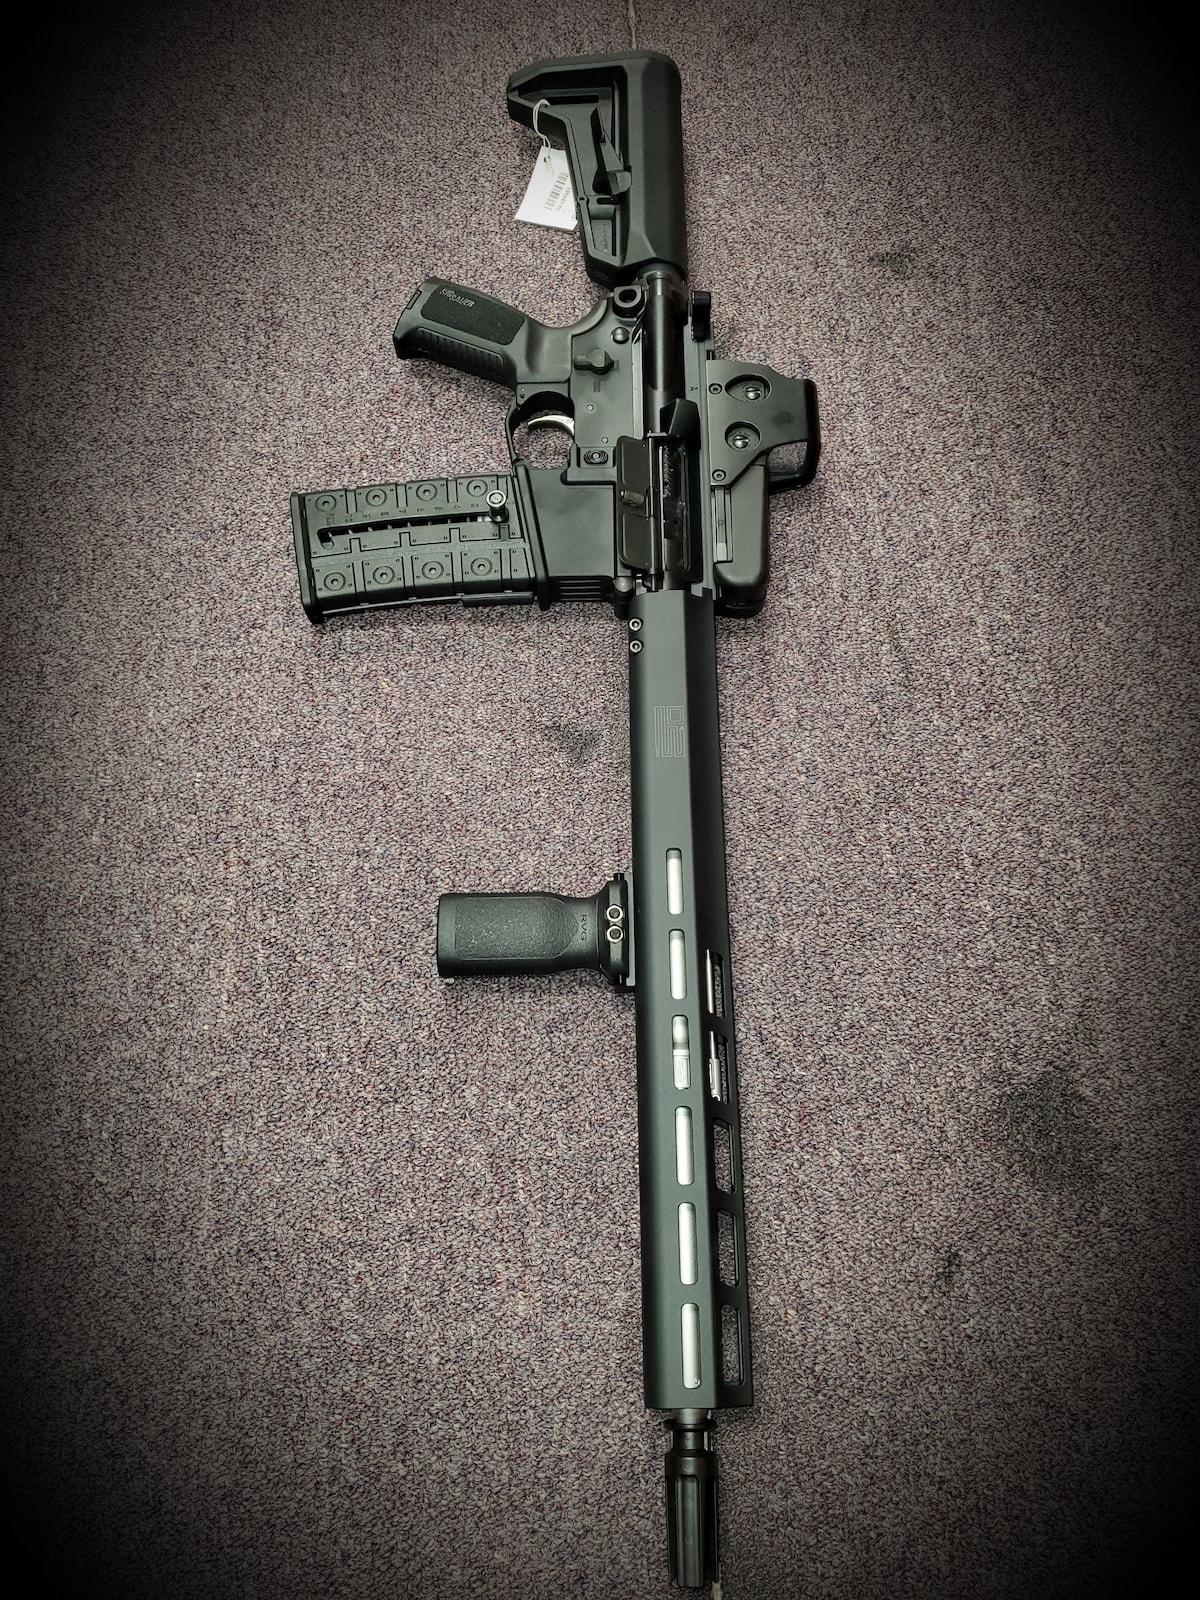 SIG SAUER FIXED MAGAZINE M400 AR15 M4 SIG SAUER